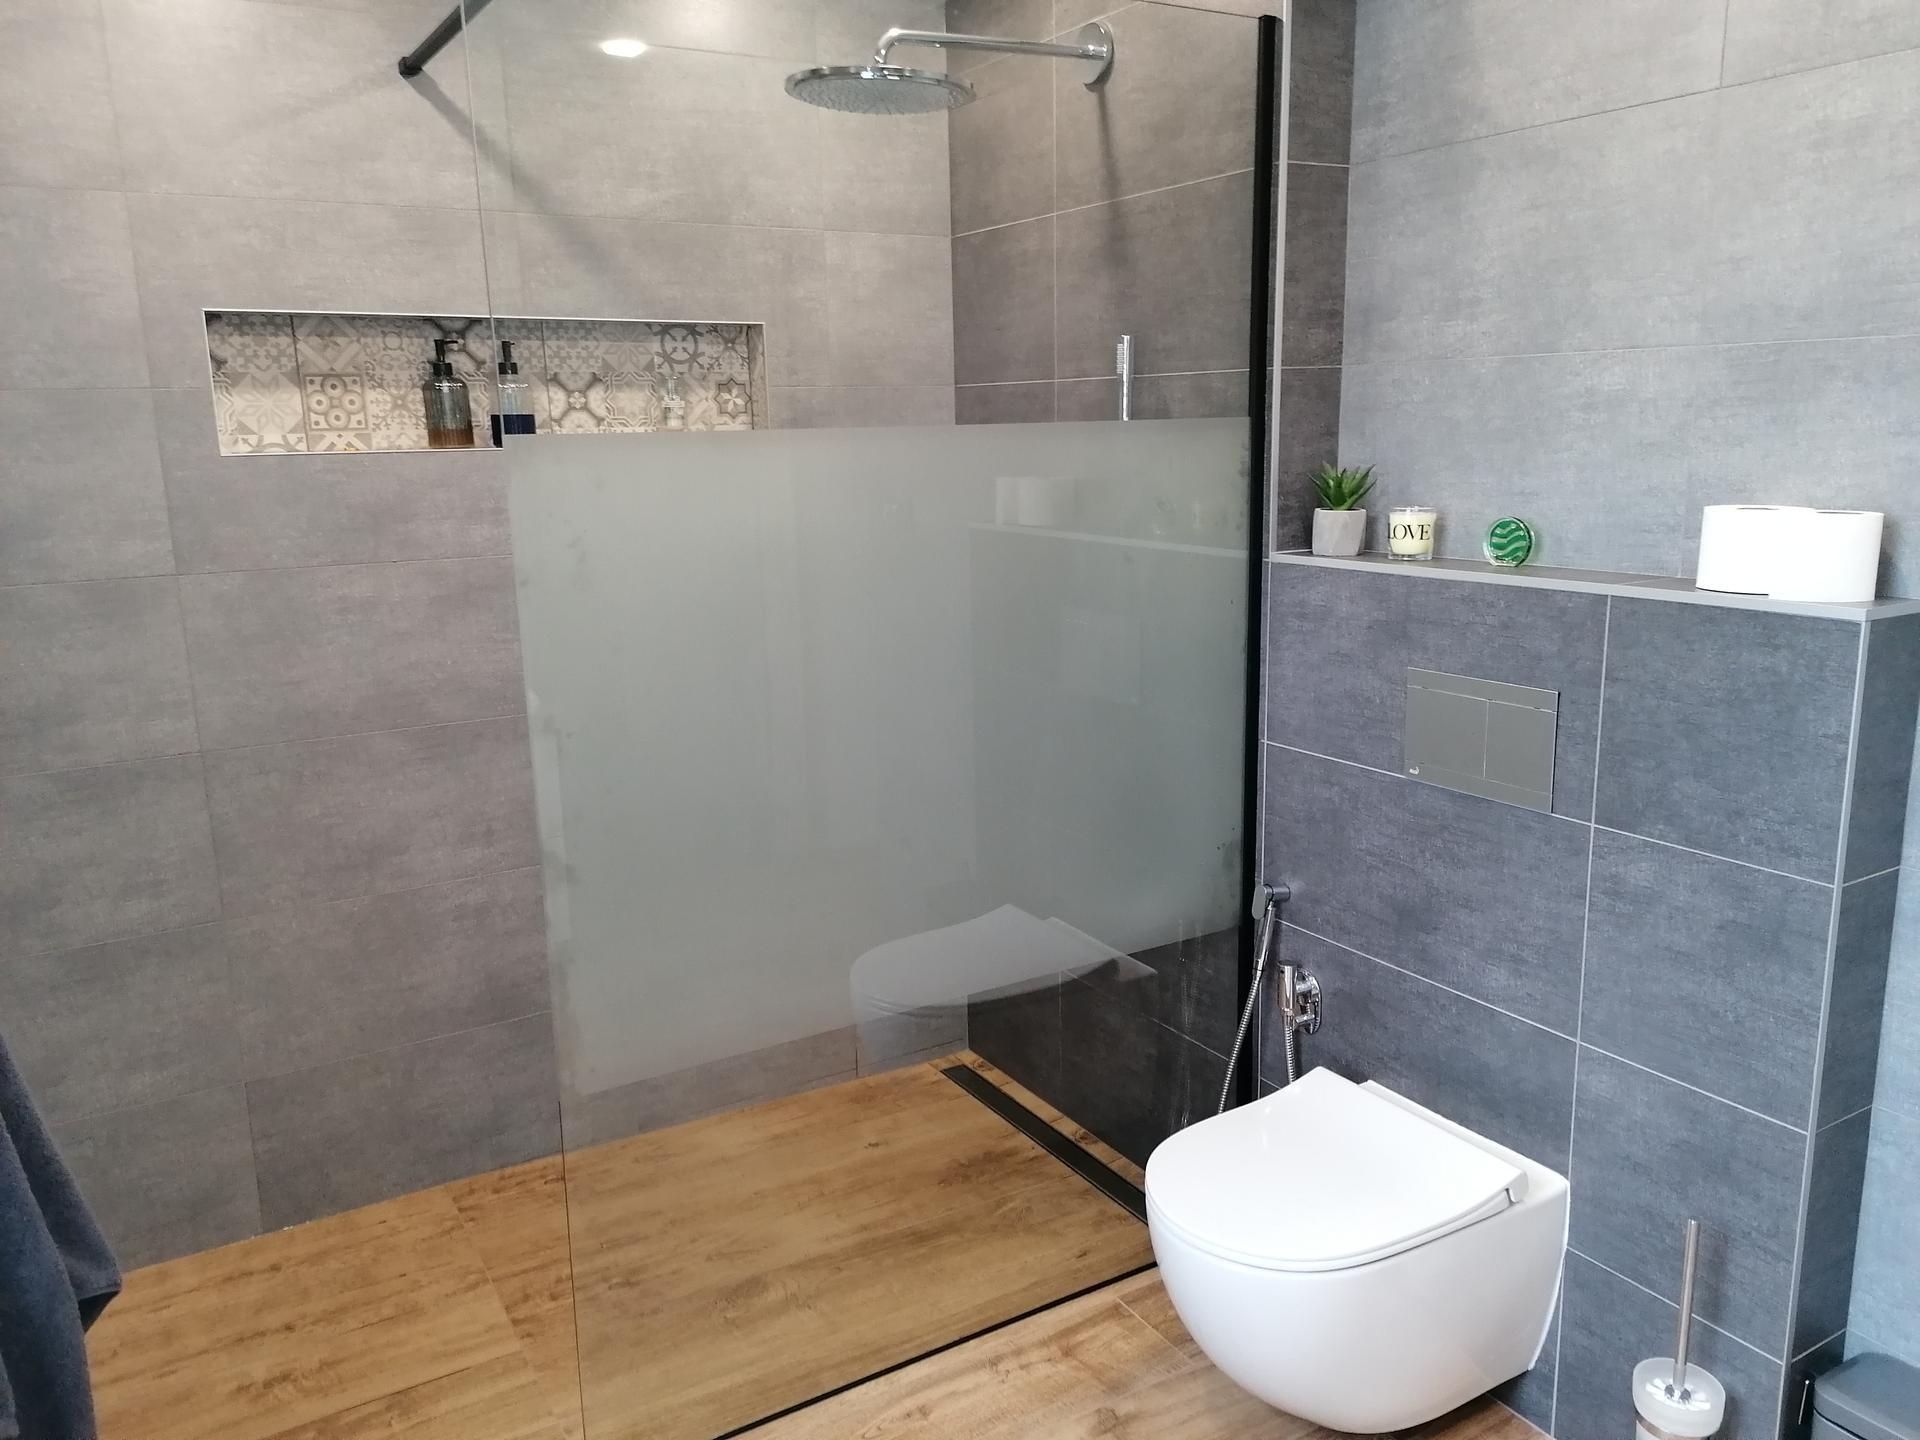 Pasiv Svépomocí 2021 - koupelna v přízemí - hotovo